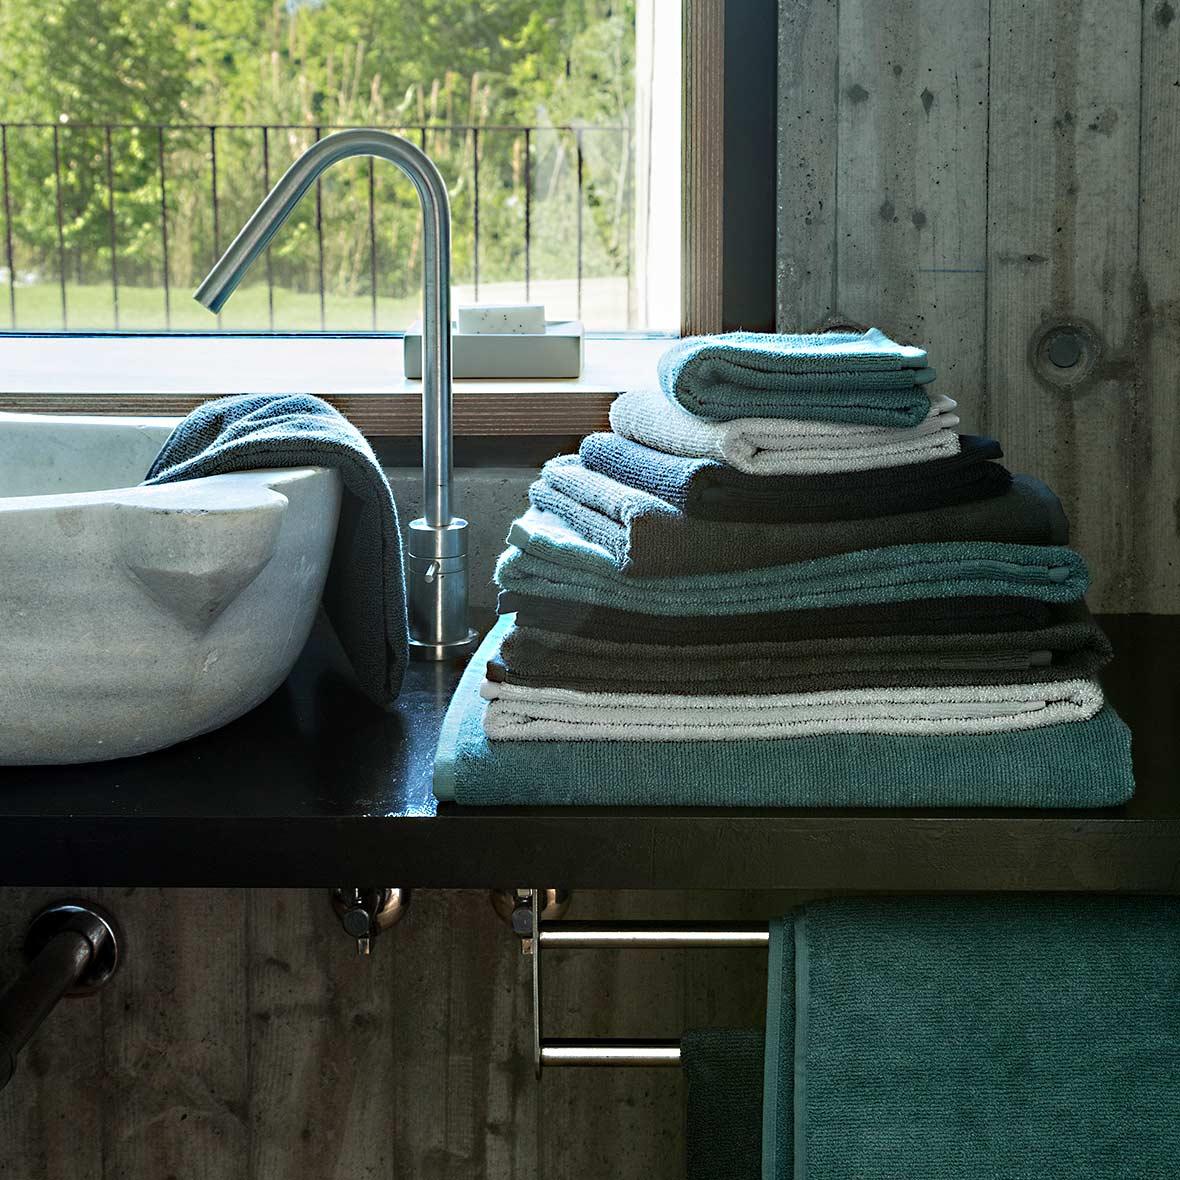 Handtuch Naturaldream - Baumwolle - feine Rippstruktur